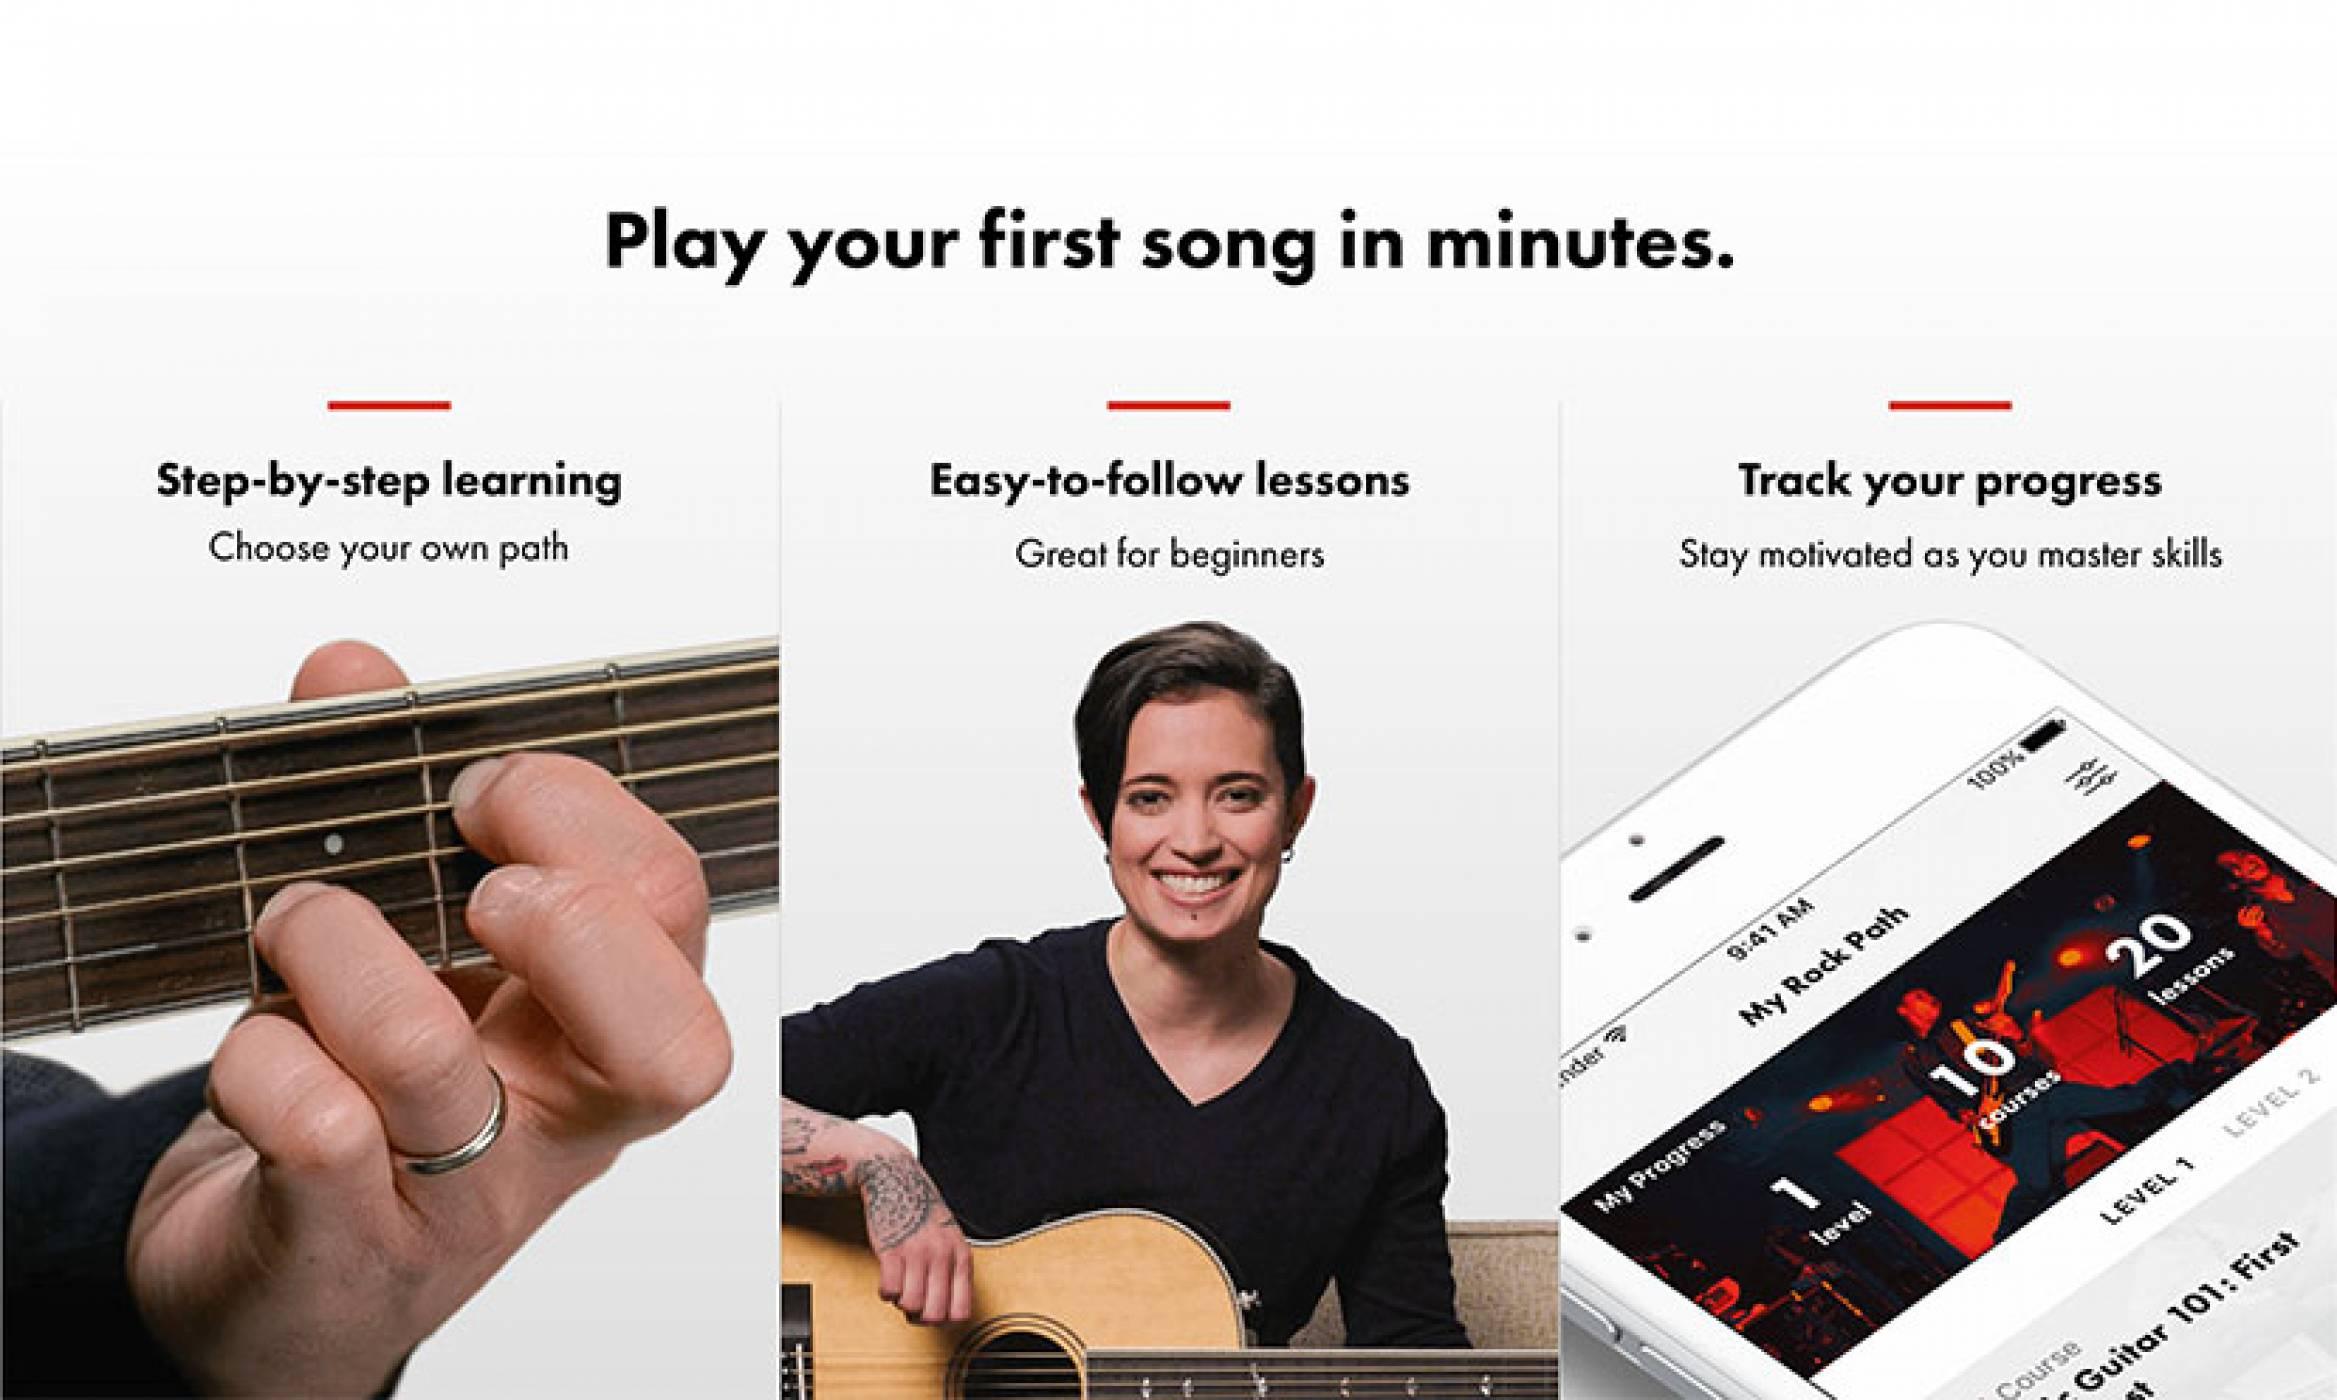 Ново приложение от Fender ни учи да свирим на китара чрез своя iPhone